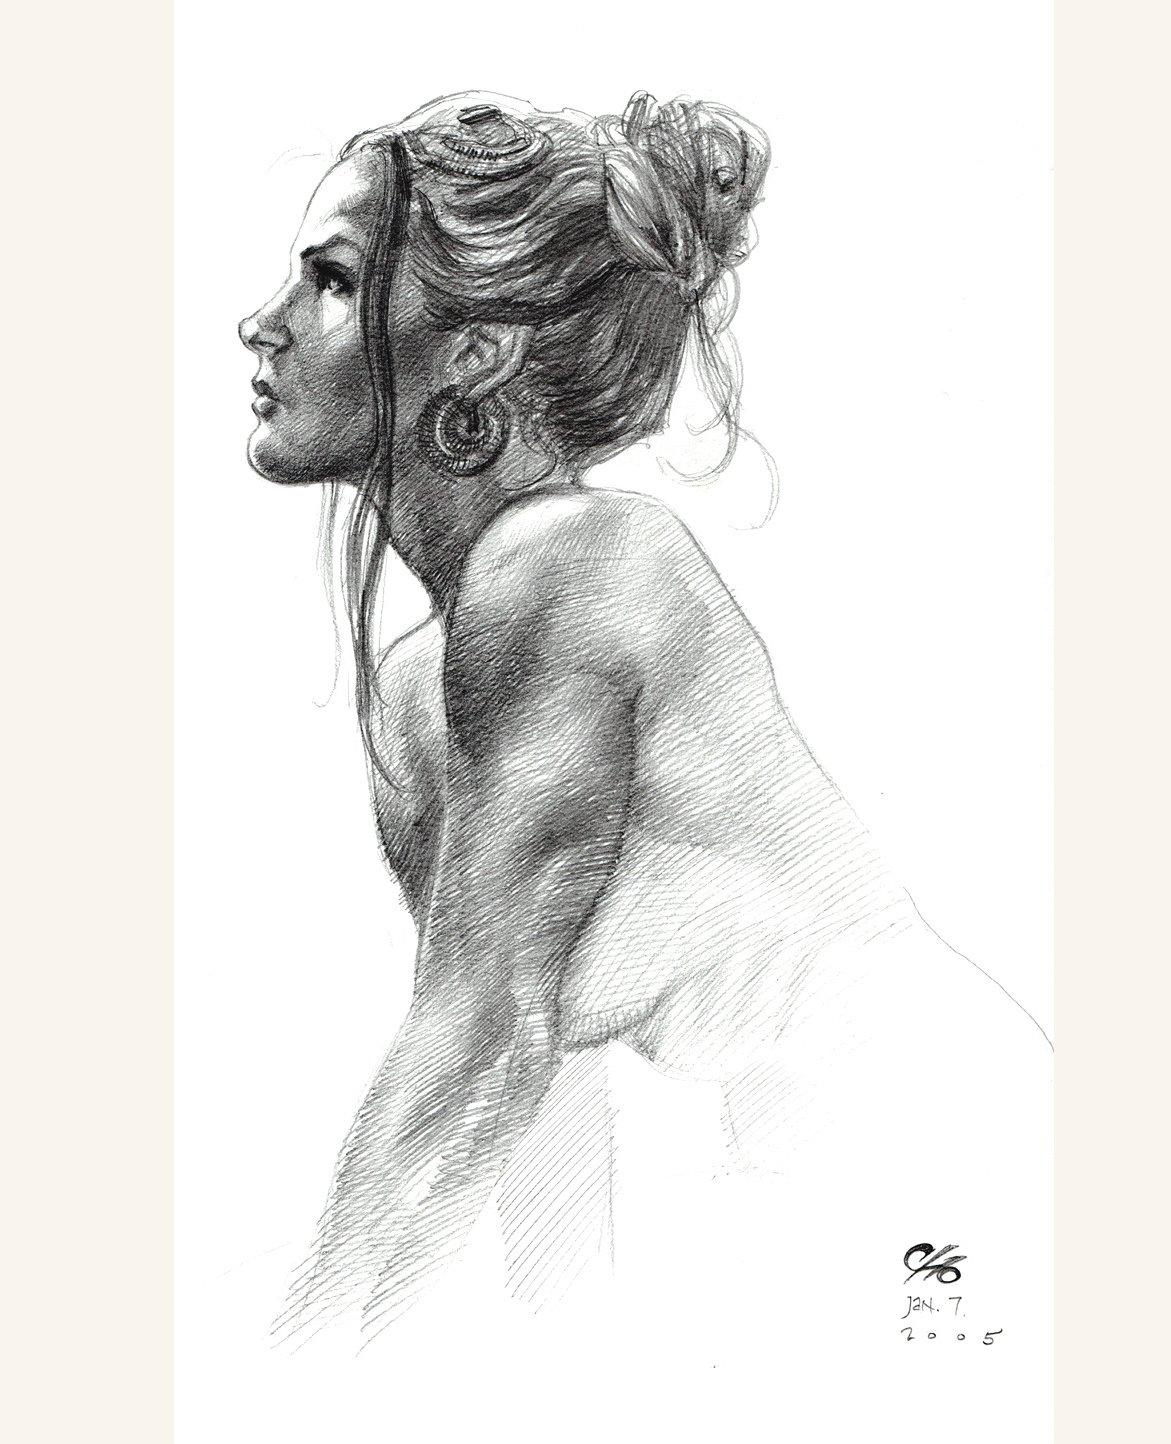 Cho Sketchbook #5 Published Nude Female Illustration (2005)